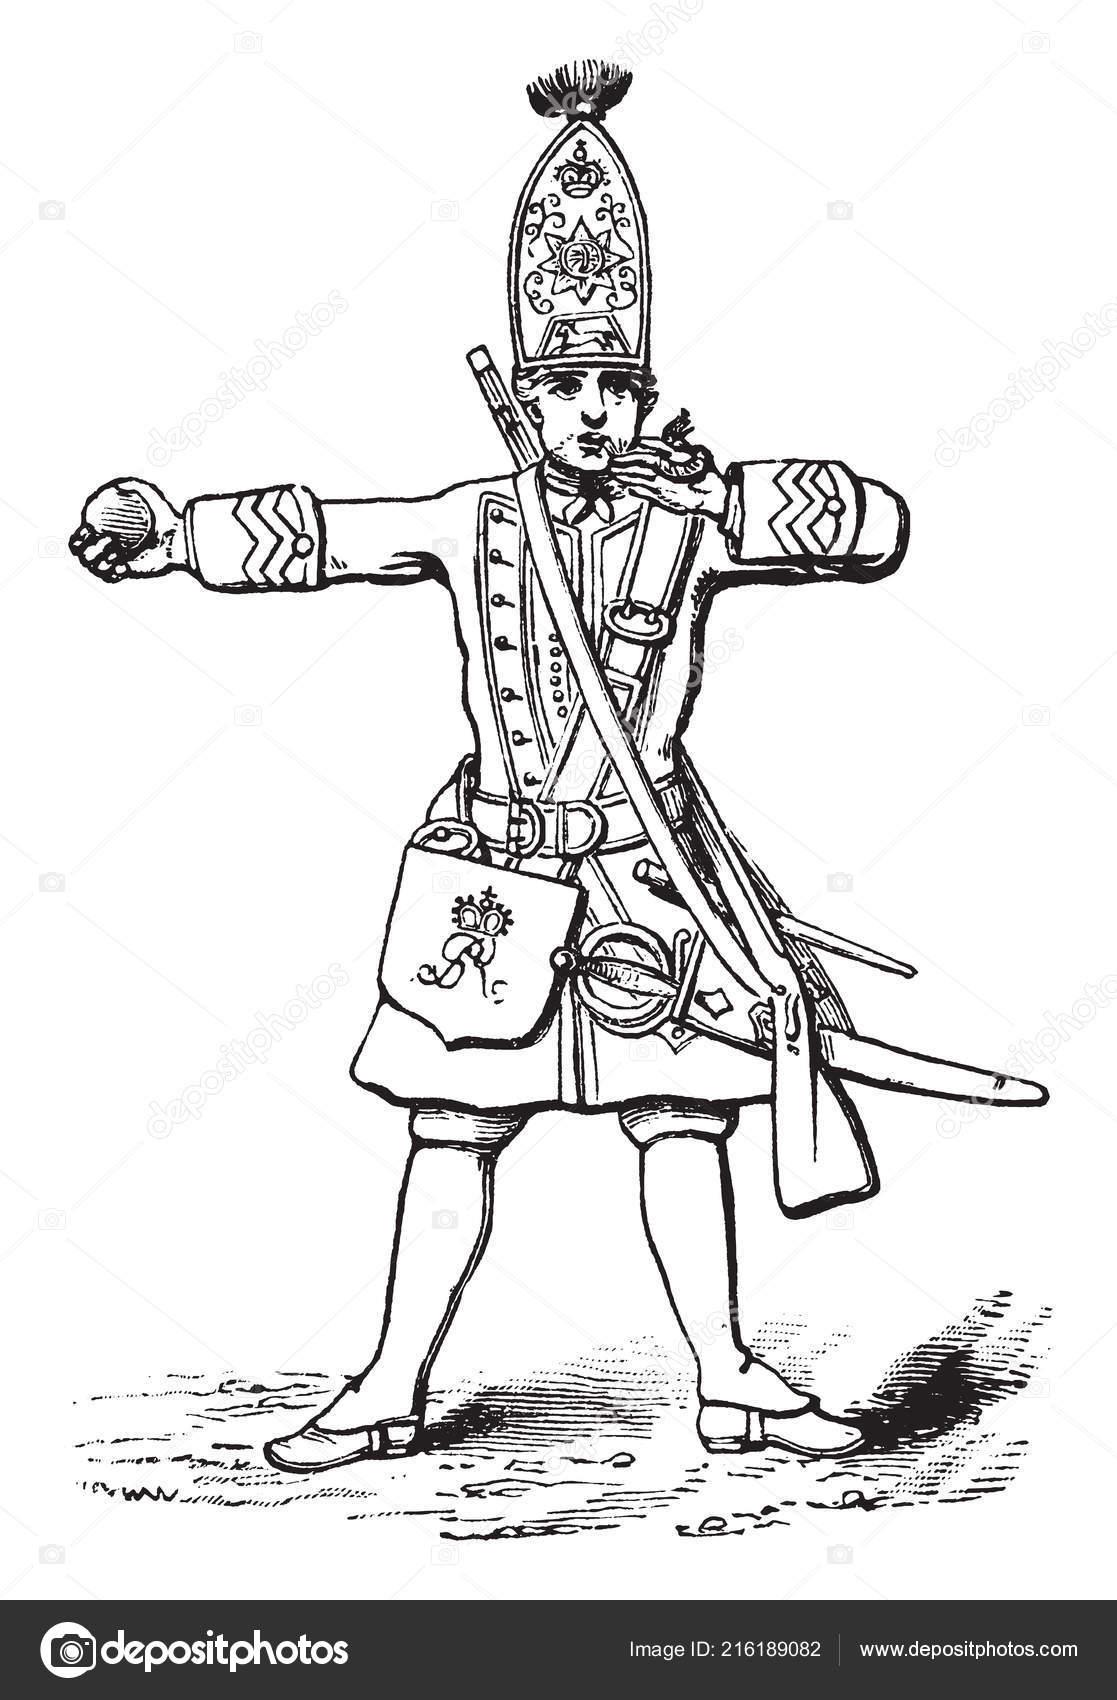 British Grenadier Blowing His Fuse Light Grenade Vintage Line